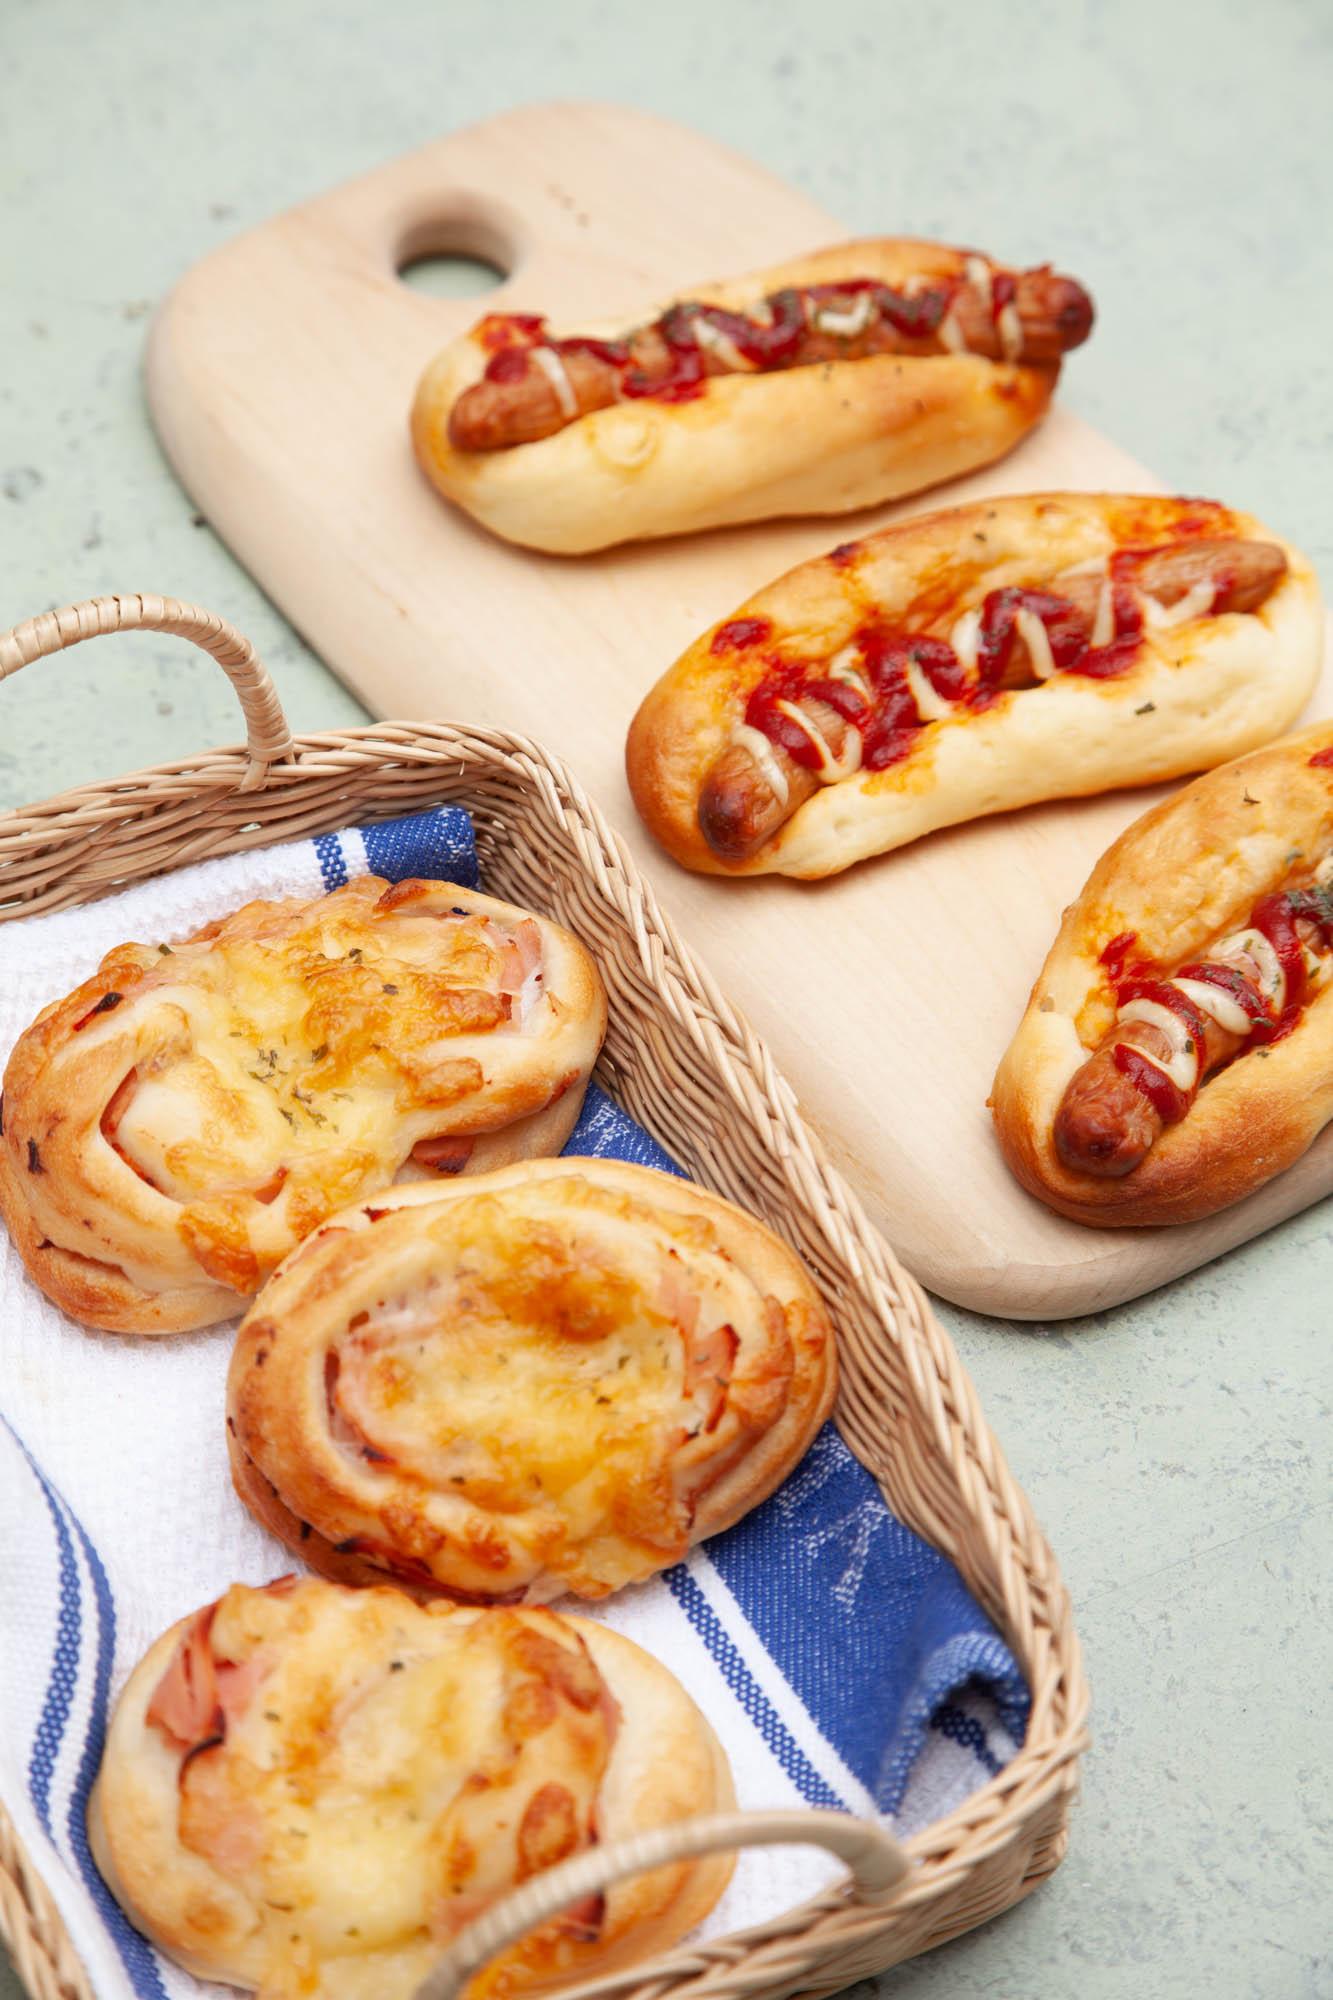 ウインナーパンとハムチーズパン